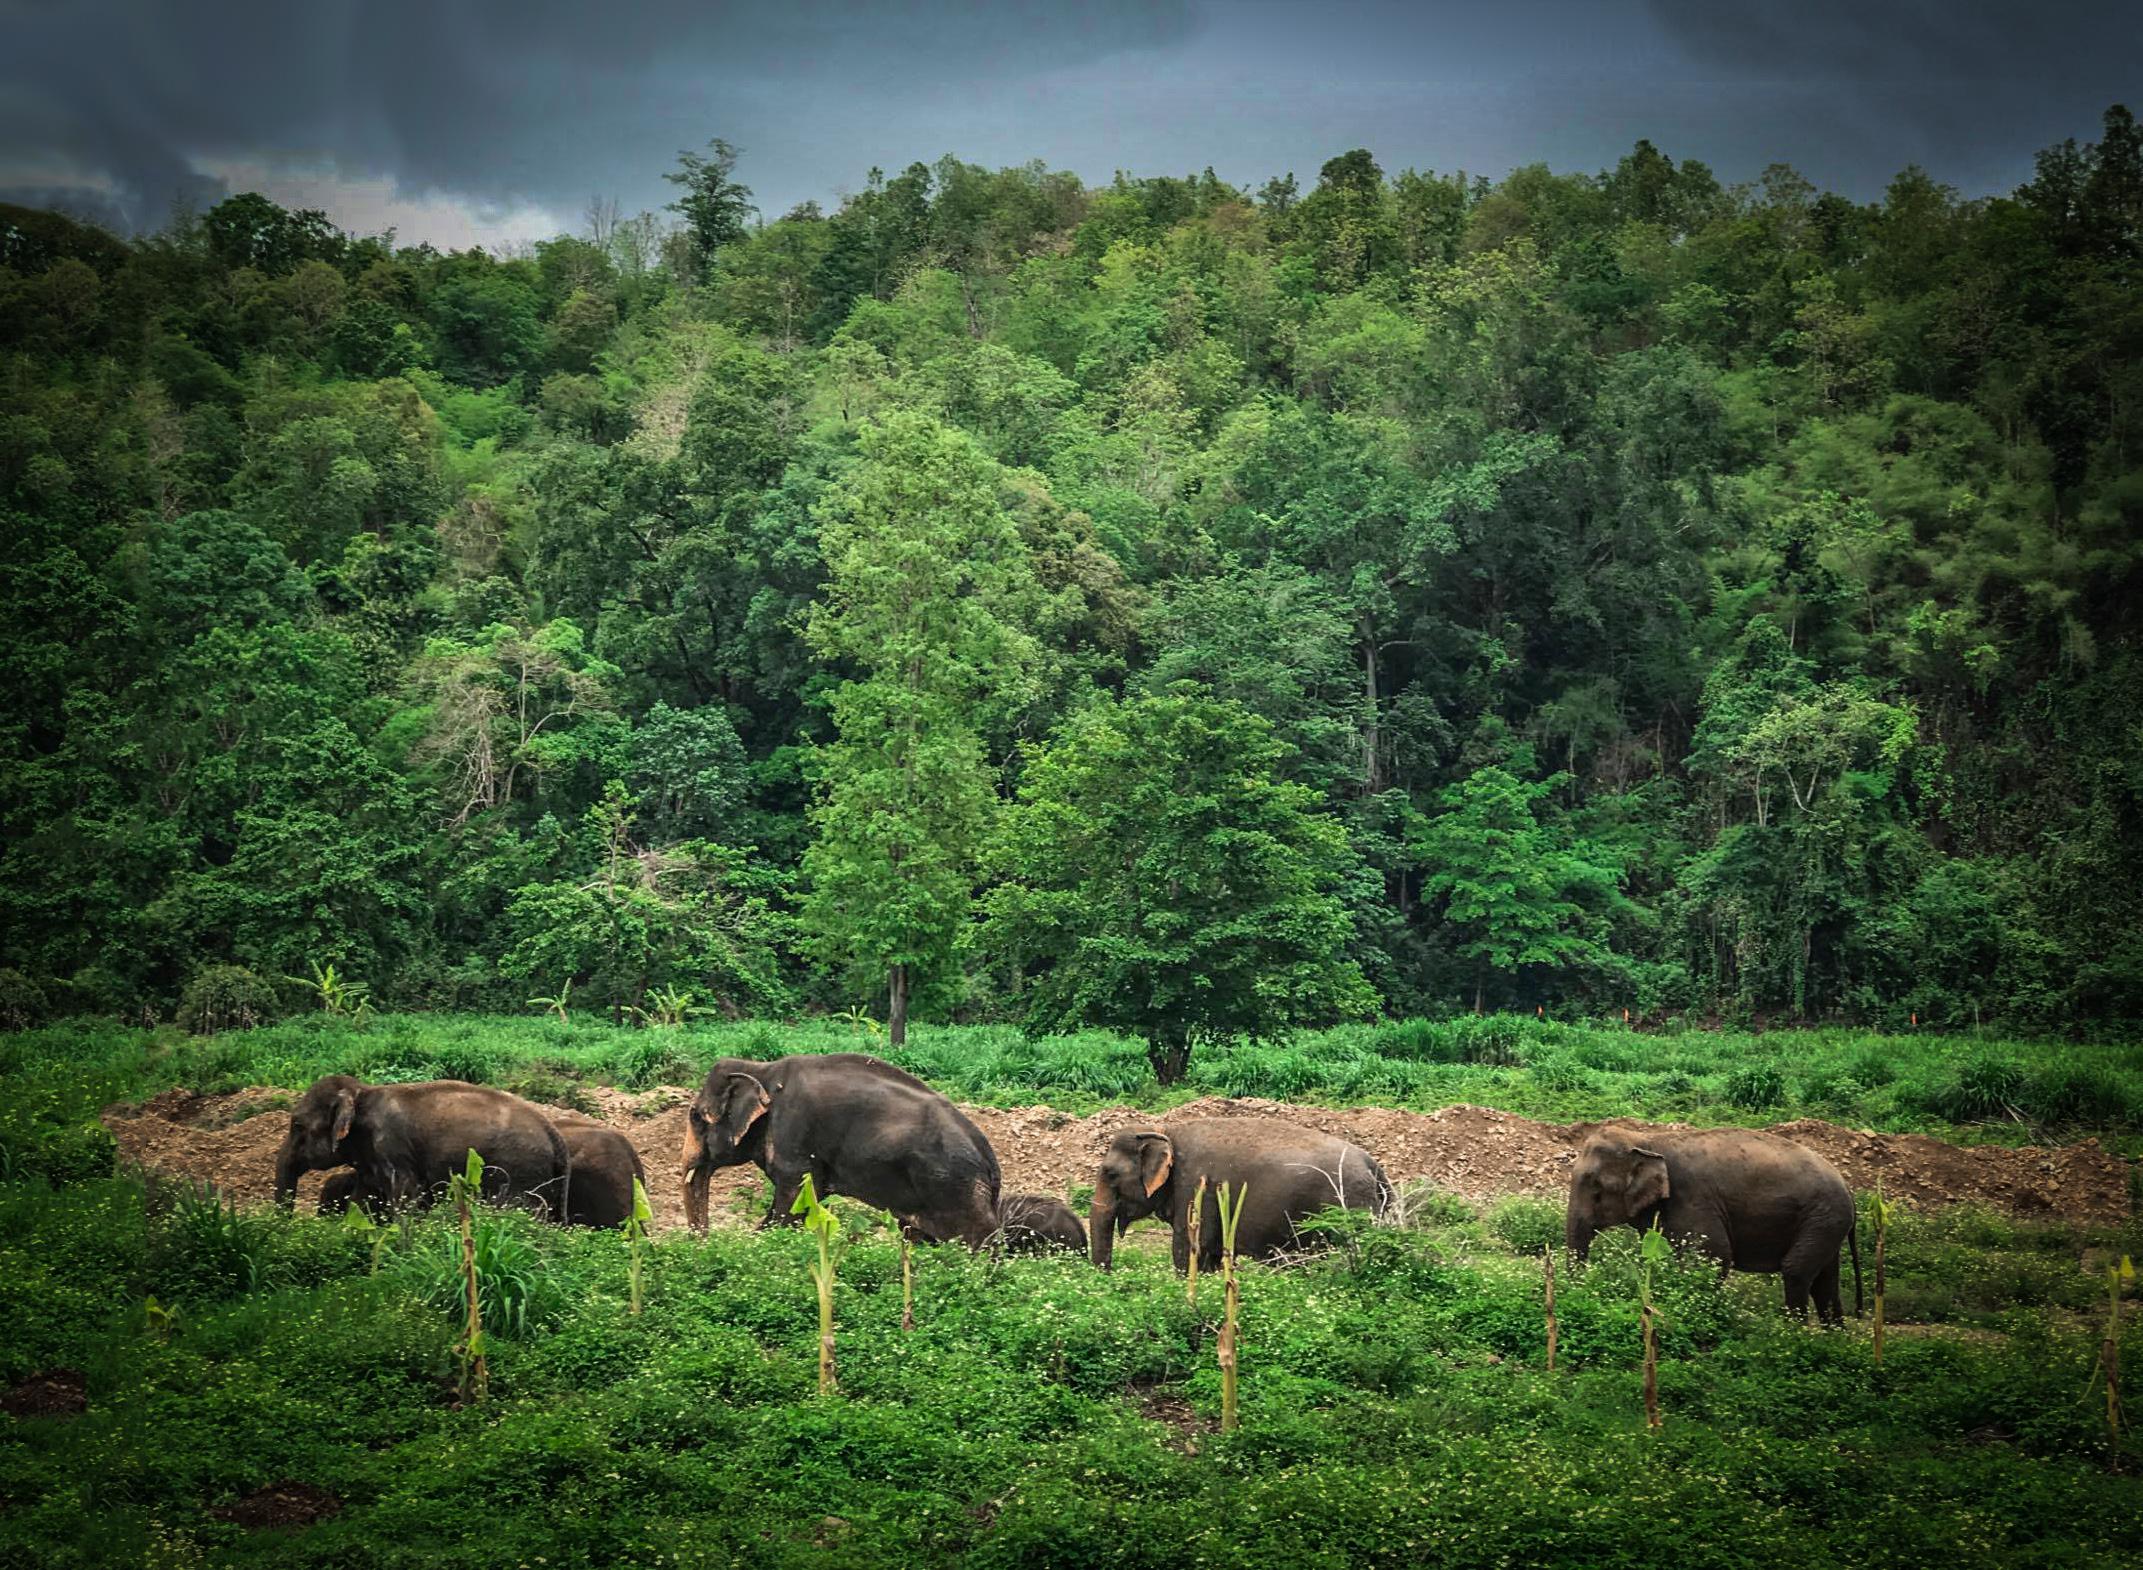 Thailand_Chiangmai_Reizen_met_kinderen_olifanten (1 van 1).jpg